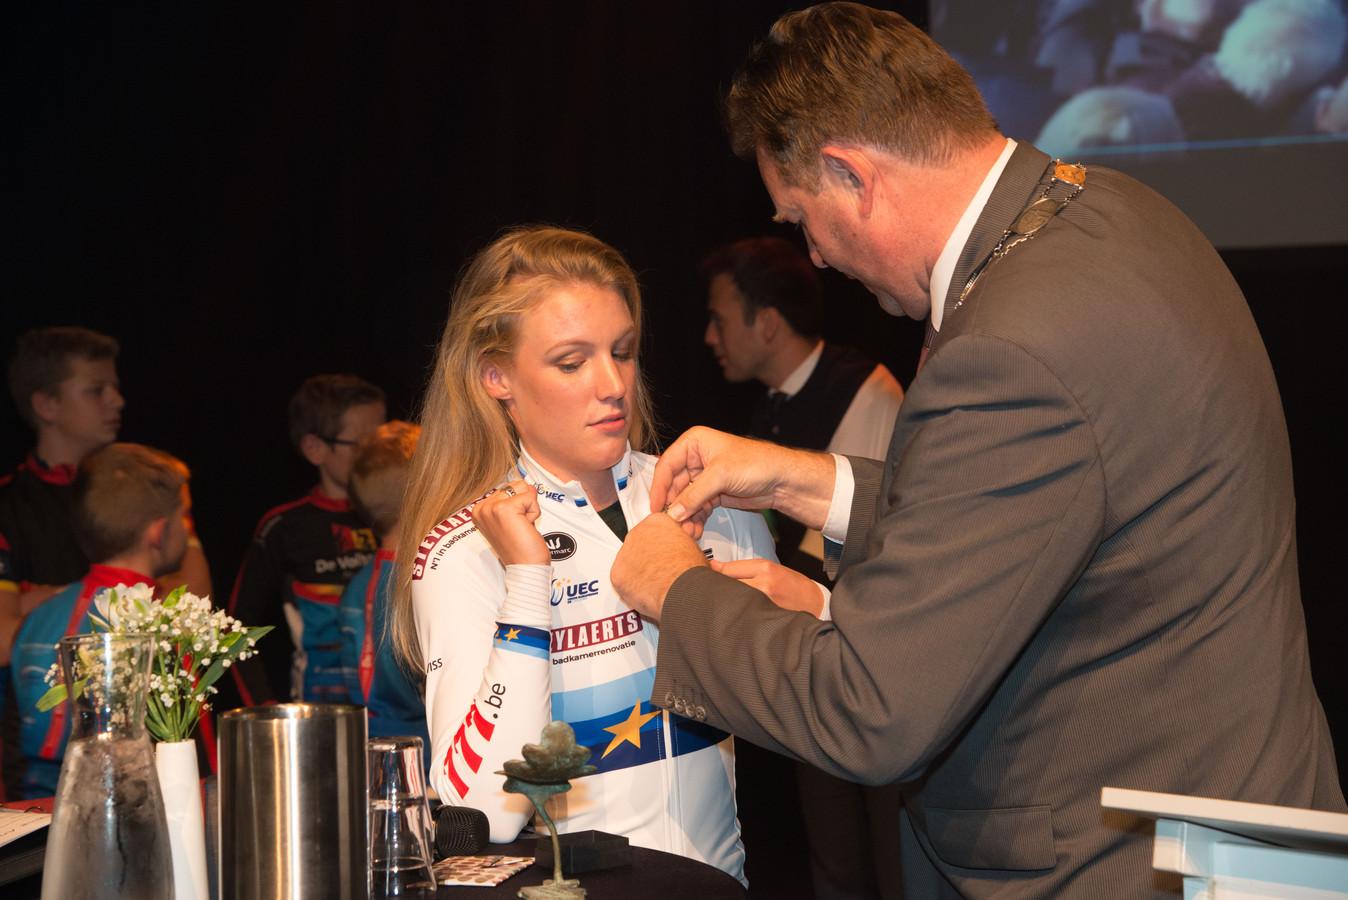 Burgemeester Breunis spelt de zilveren sierspeld op bij Annemarie Worst.